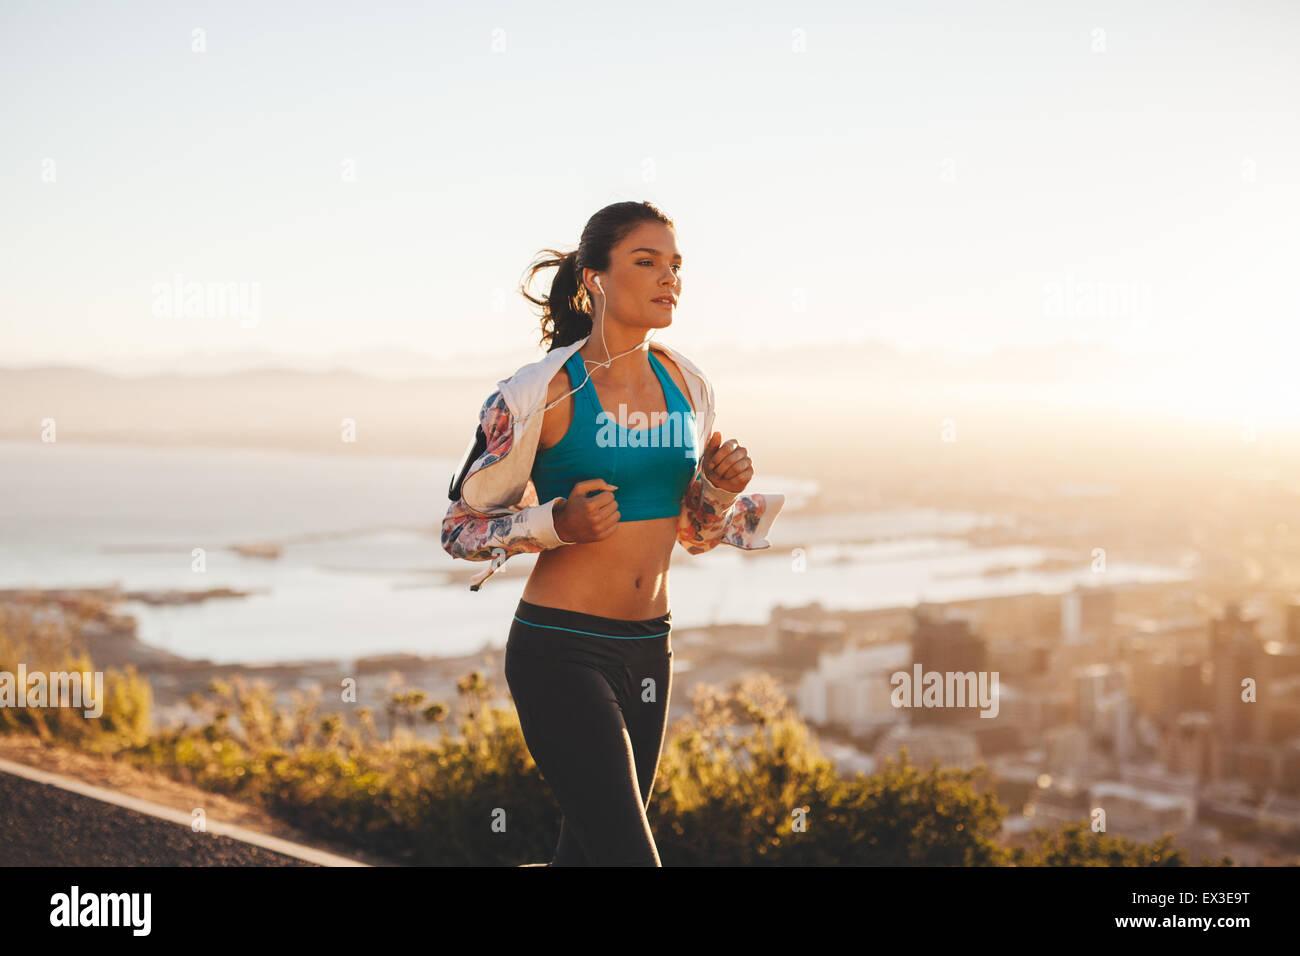 Passen Sie die junge Frau Joggen im Freien. Sportlerin auf Morgenlauf mit hellem Licht. Stockbild